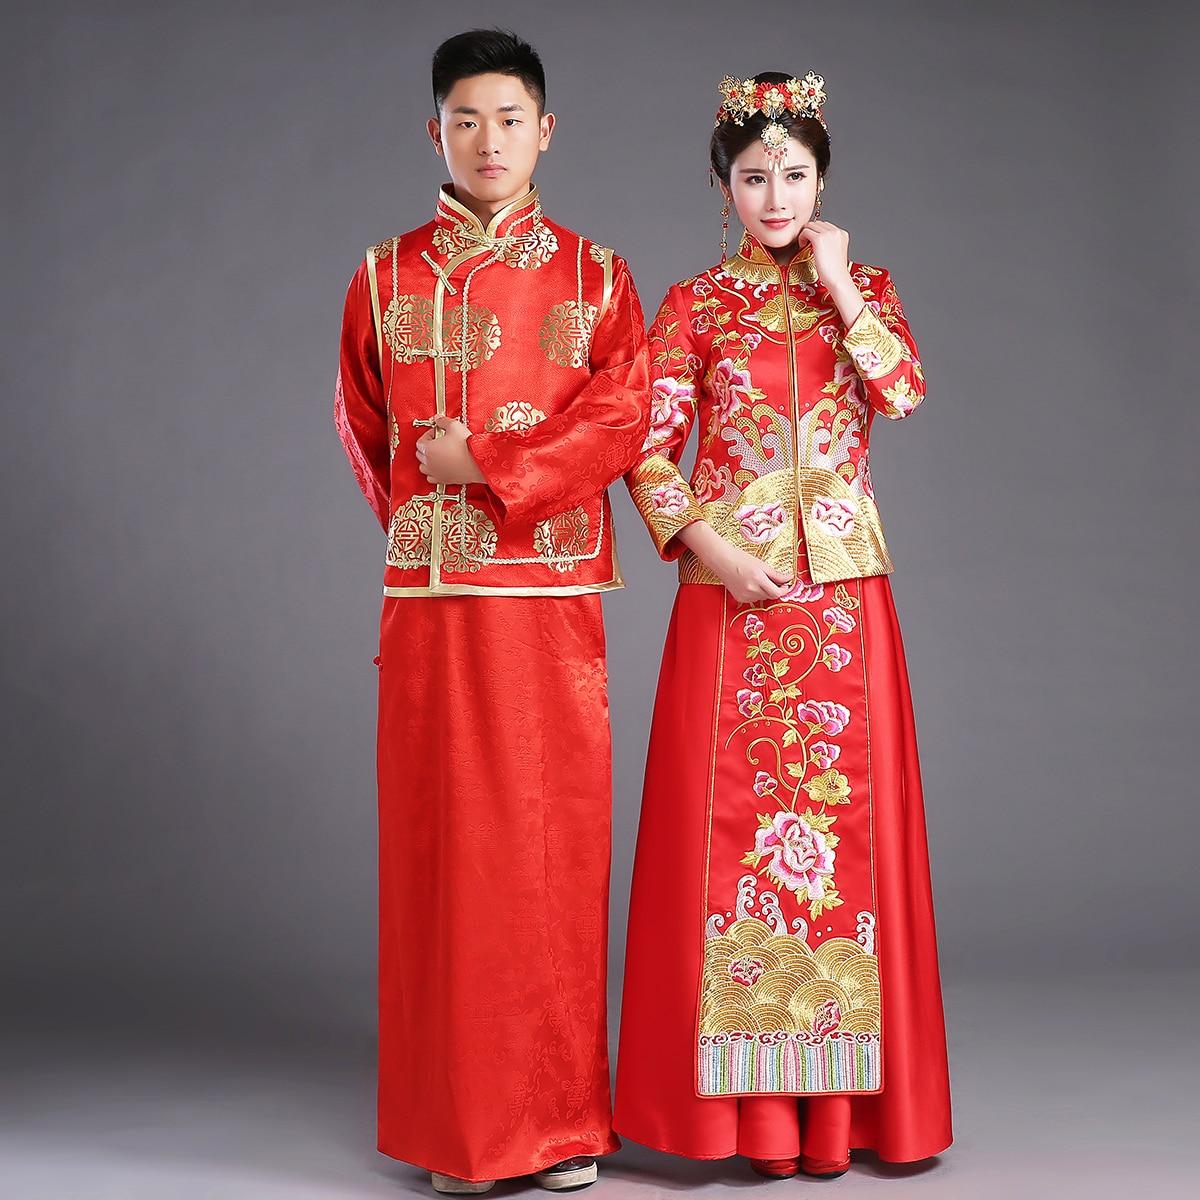 Китайские национальные костюмы фото